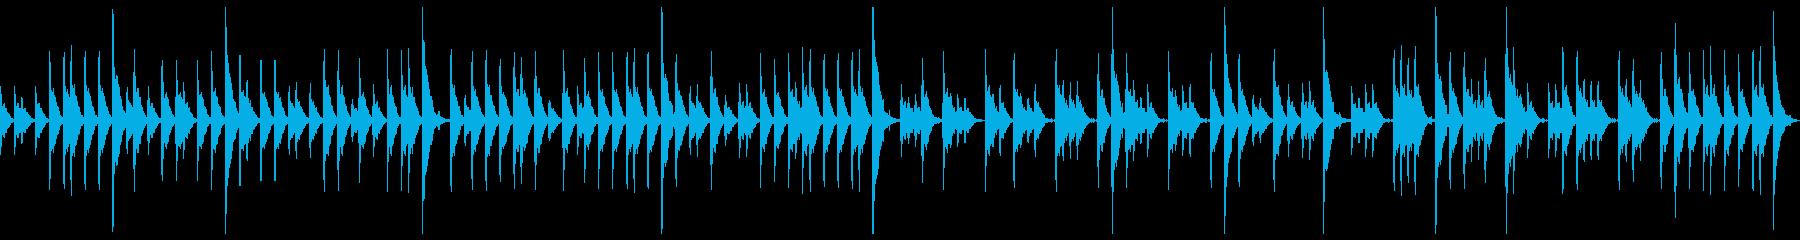 締太鼓ソロの再生済みの波形